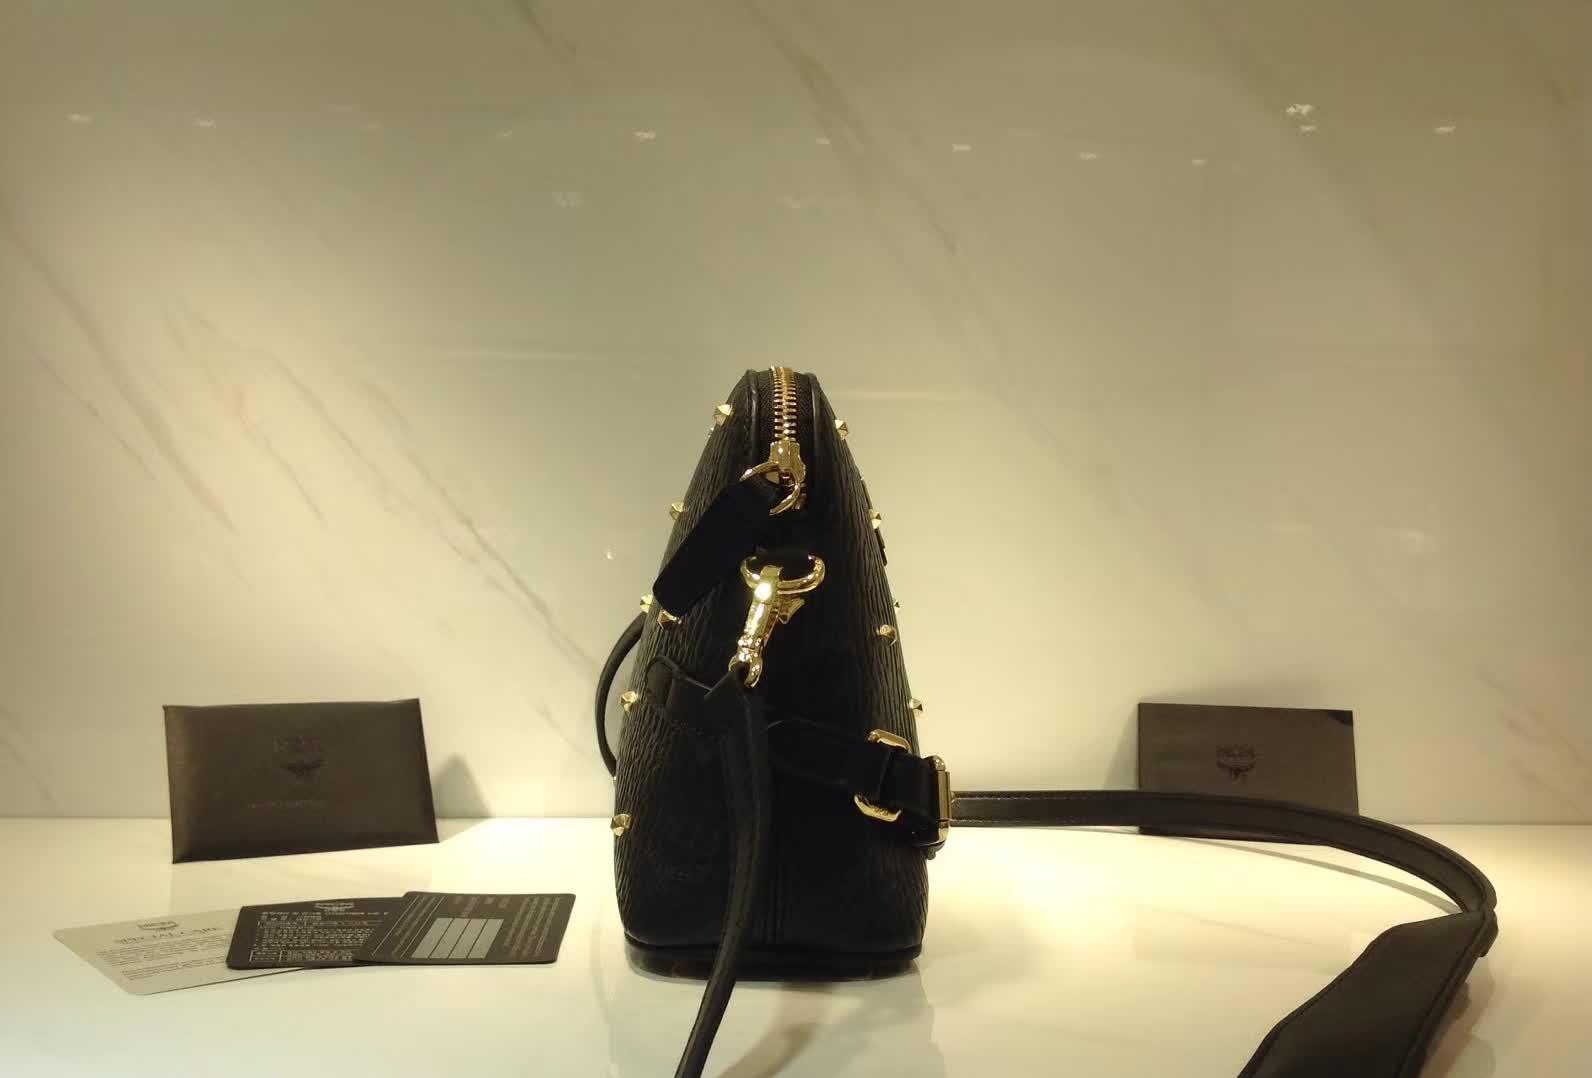 广州白云皮具城 MCM经典百搭贝壳包 进口粗纹PVC面料配原版牛皮 细腻绒布内里 黑色